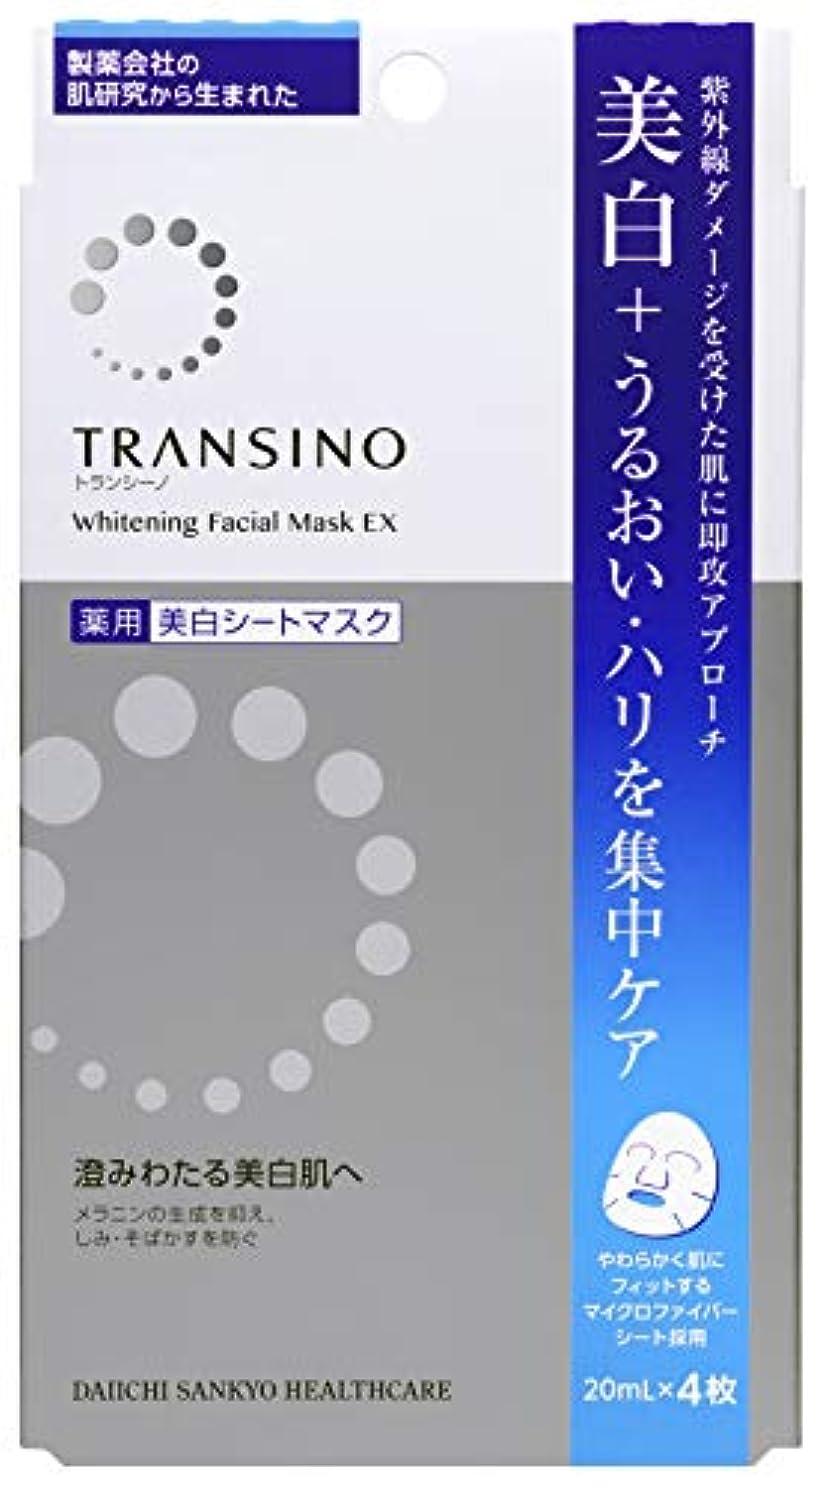 拷問徹底種第一三共ヘルスケア トランシーノ薬用ホワイトニングフェイシャルマスクEX 4枚